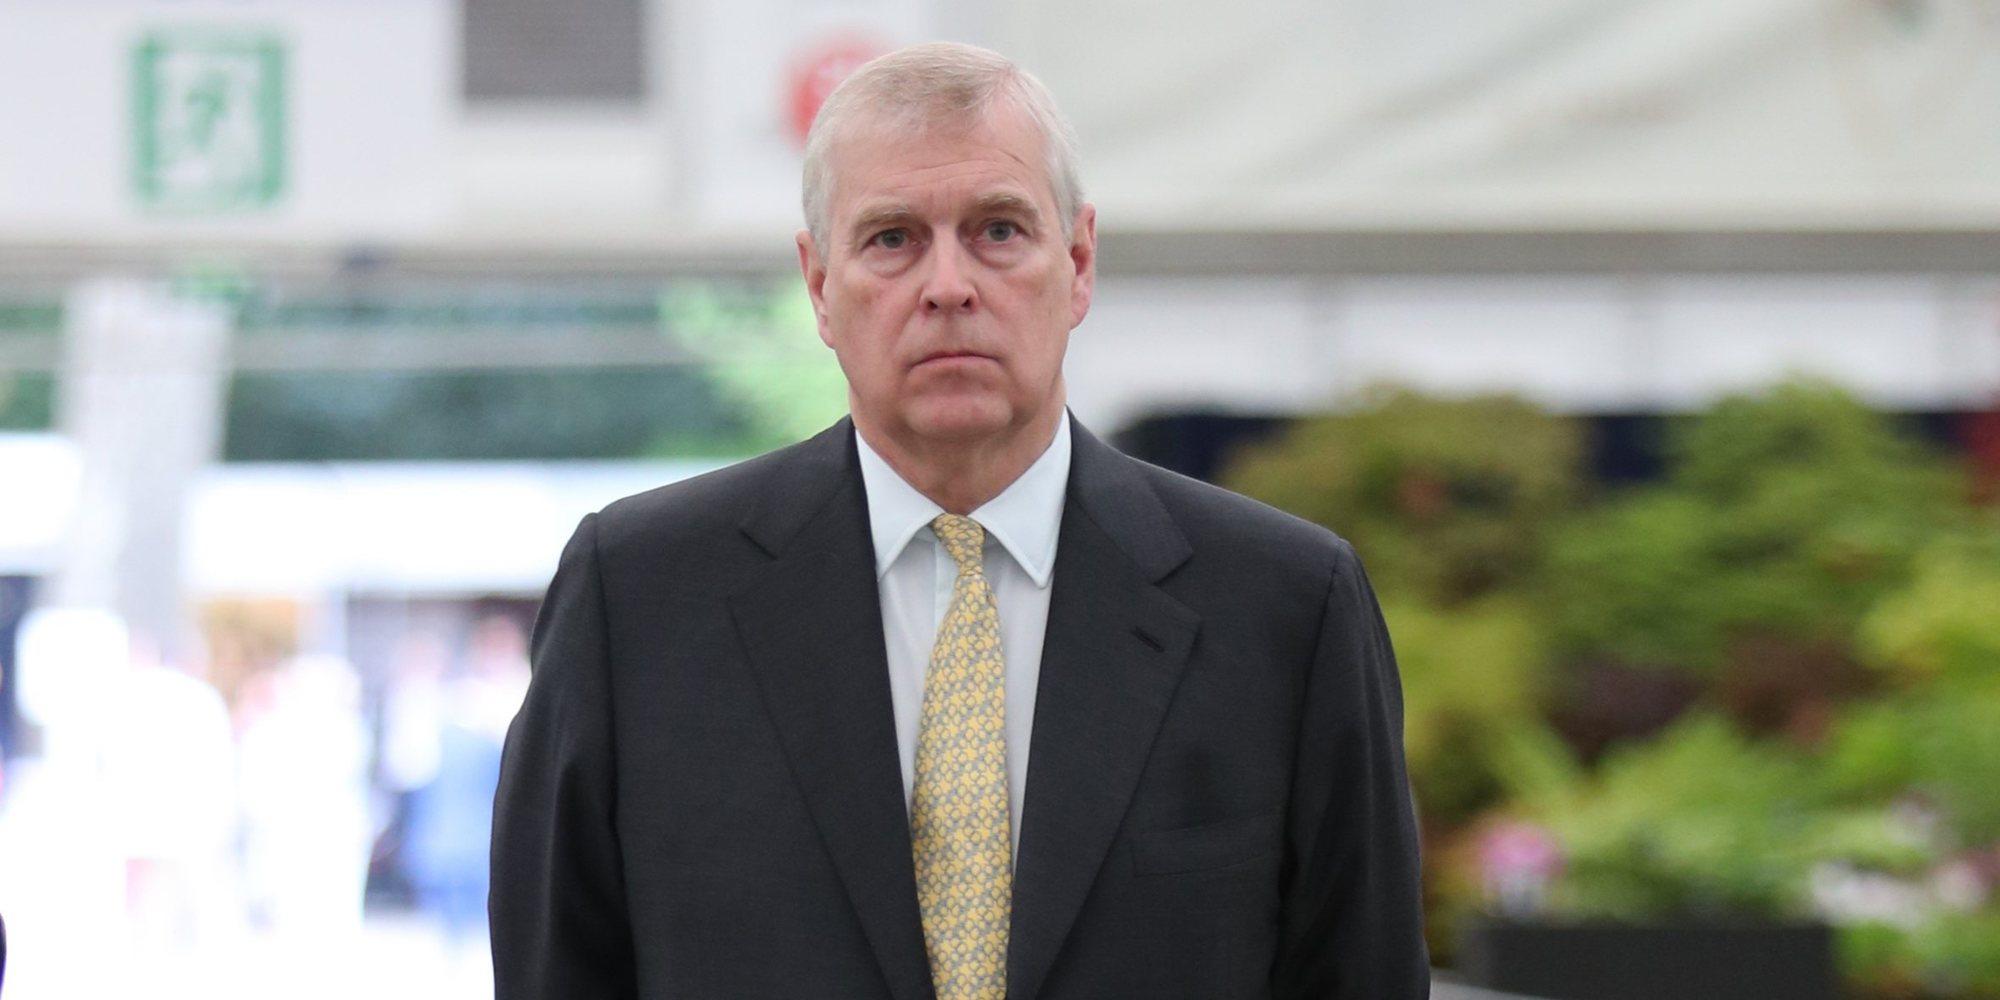 El Príncipe Andrés, relacionado en un nuevo caso de abuso sexual por su amistad con el diseñador Peter Nygard